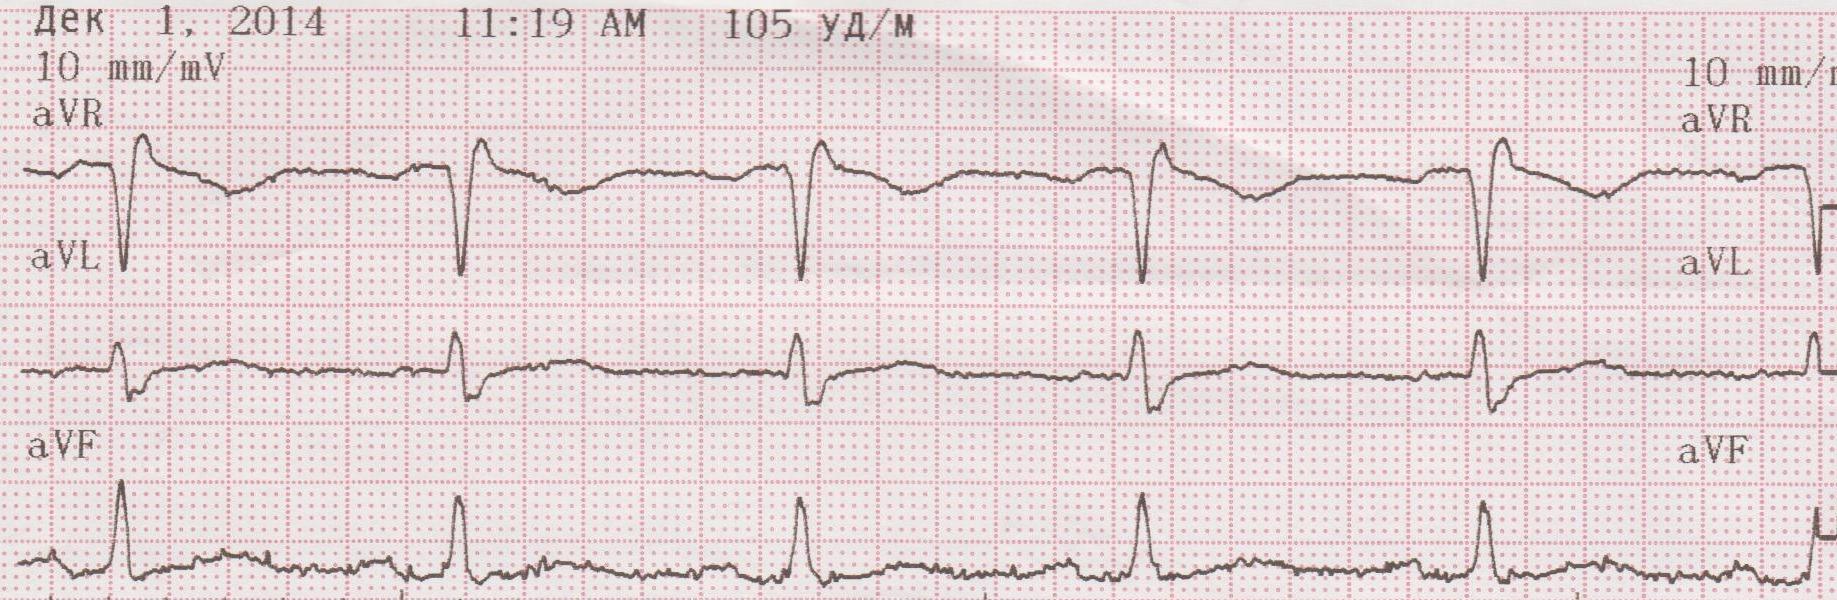 Дисметаболическая кардиомиопатия: причины, симптомы и лечение